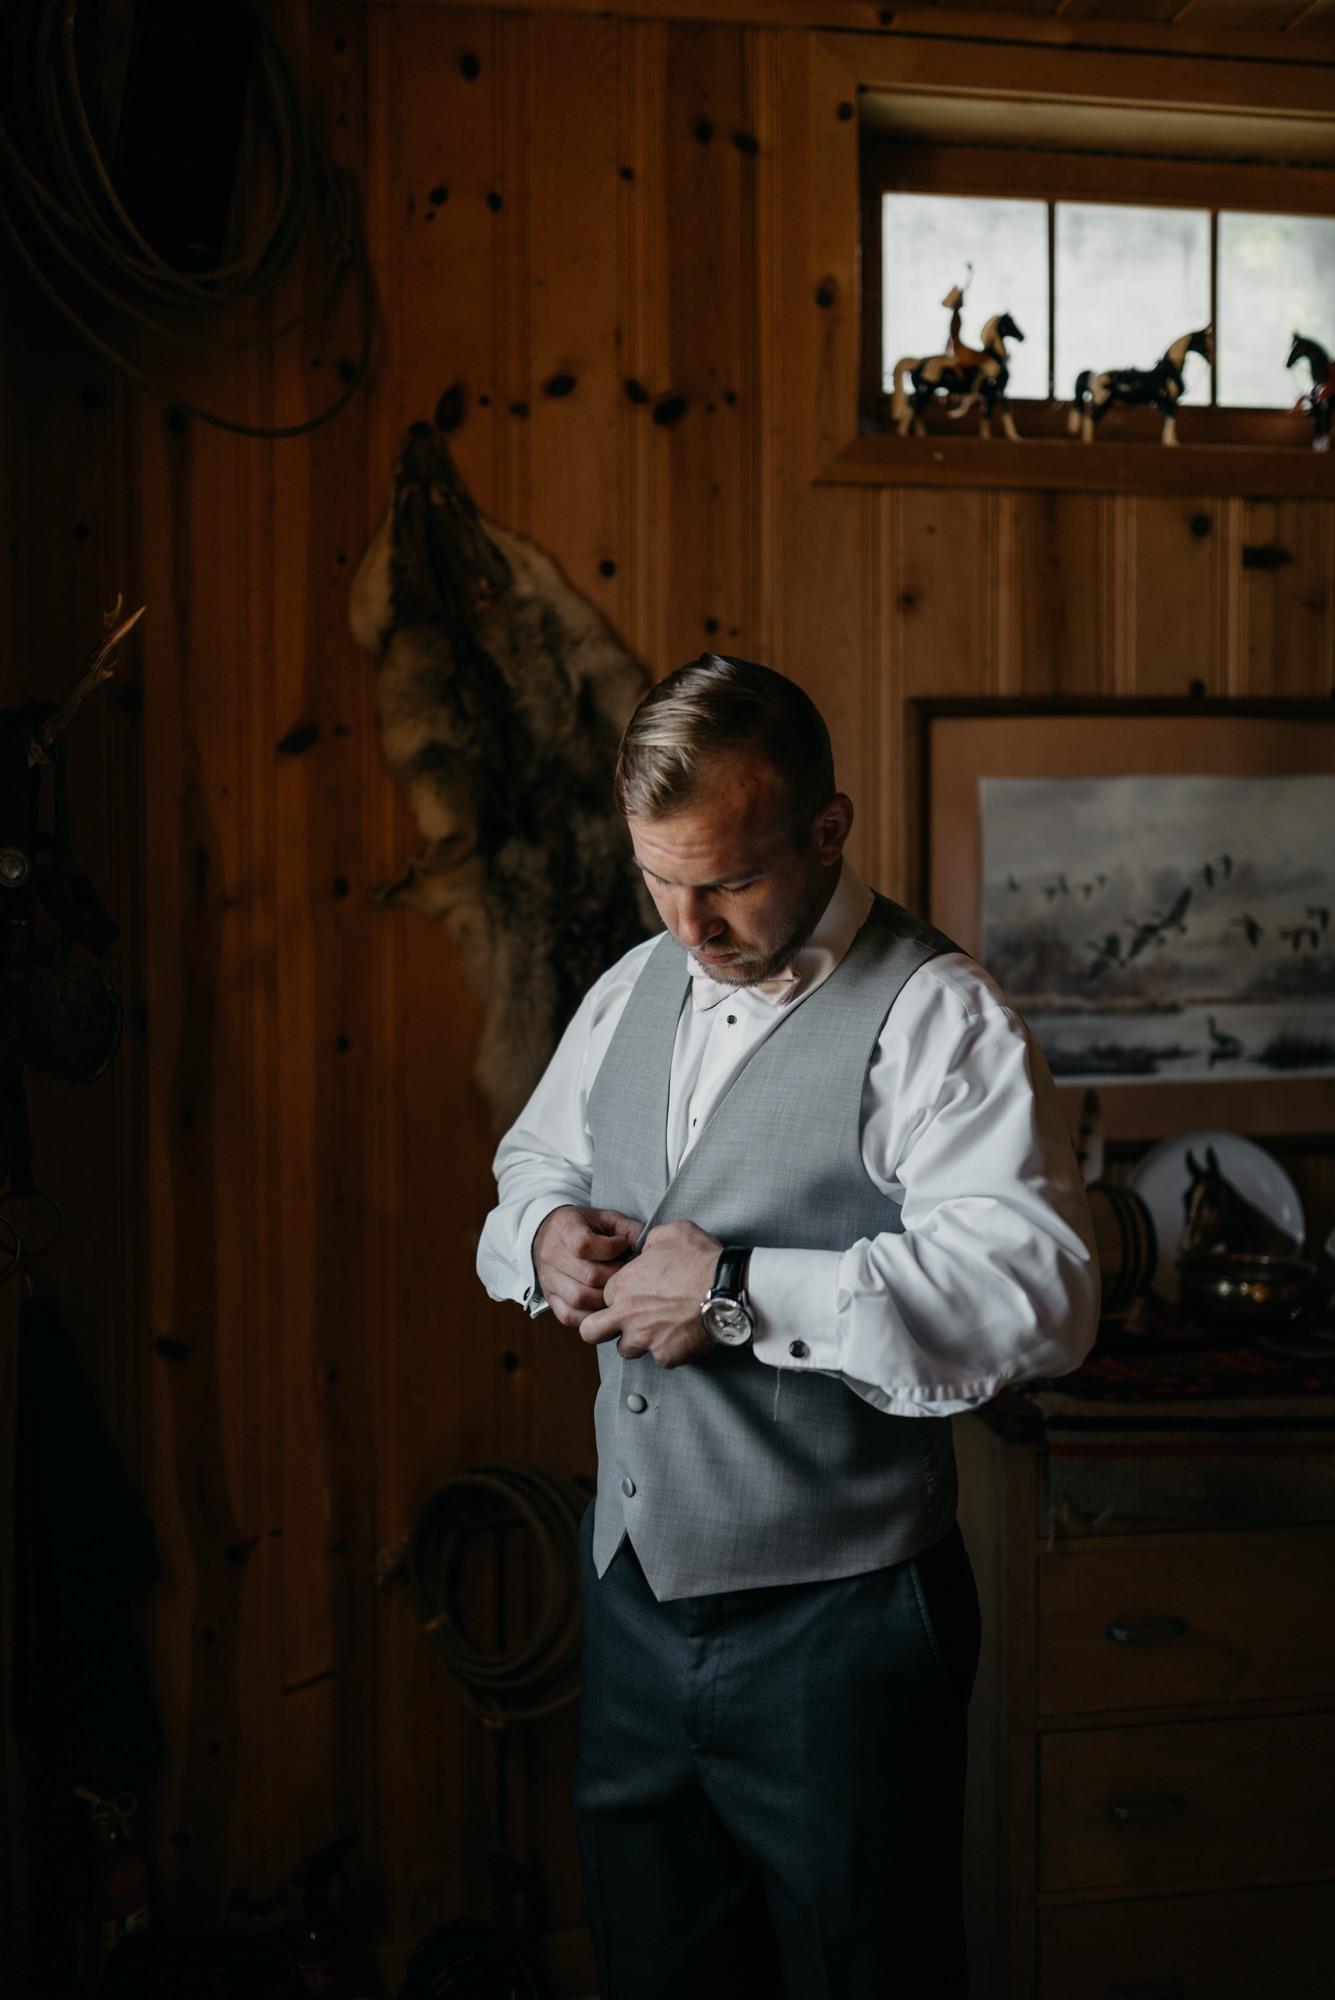 33-Getting-Ready-barn-kestrel-wedding-photos-grey-suit.jpg